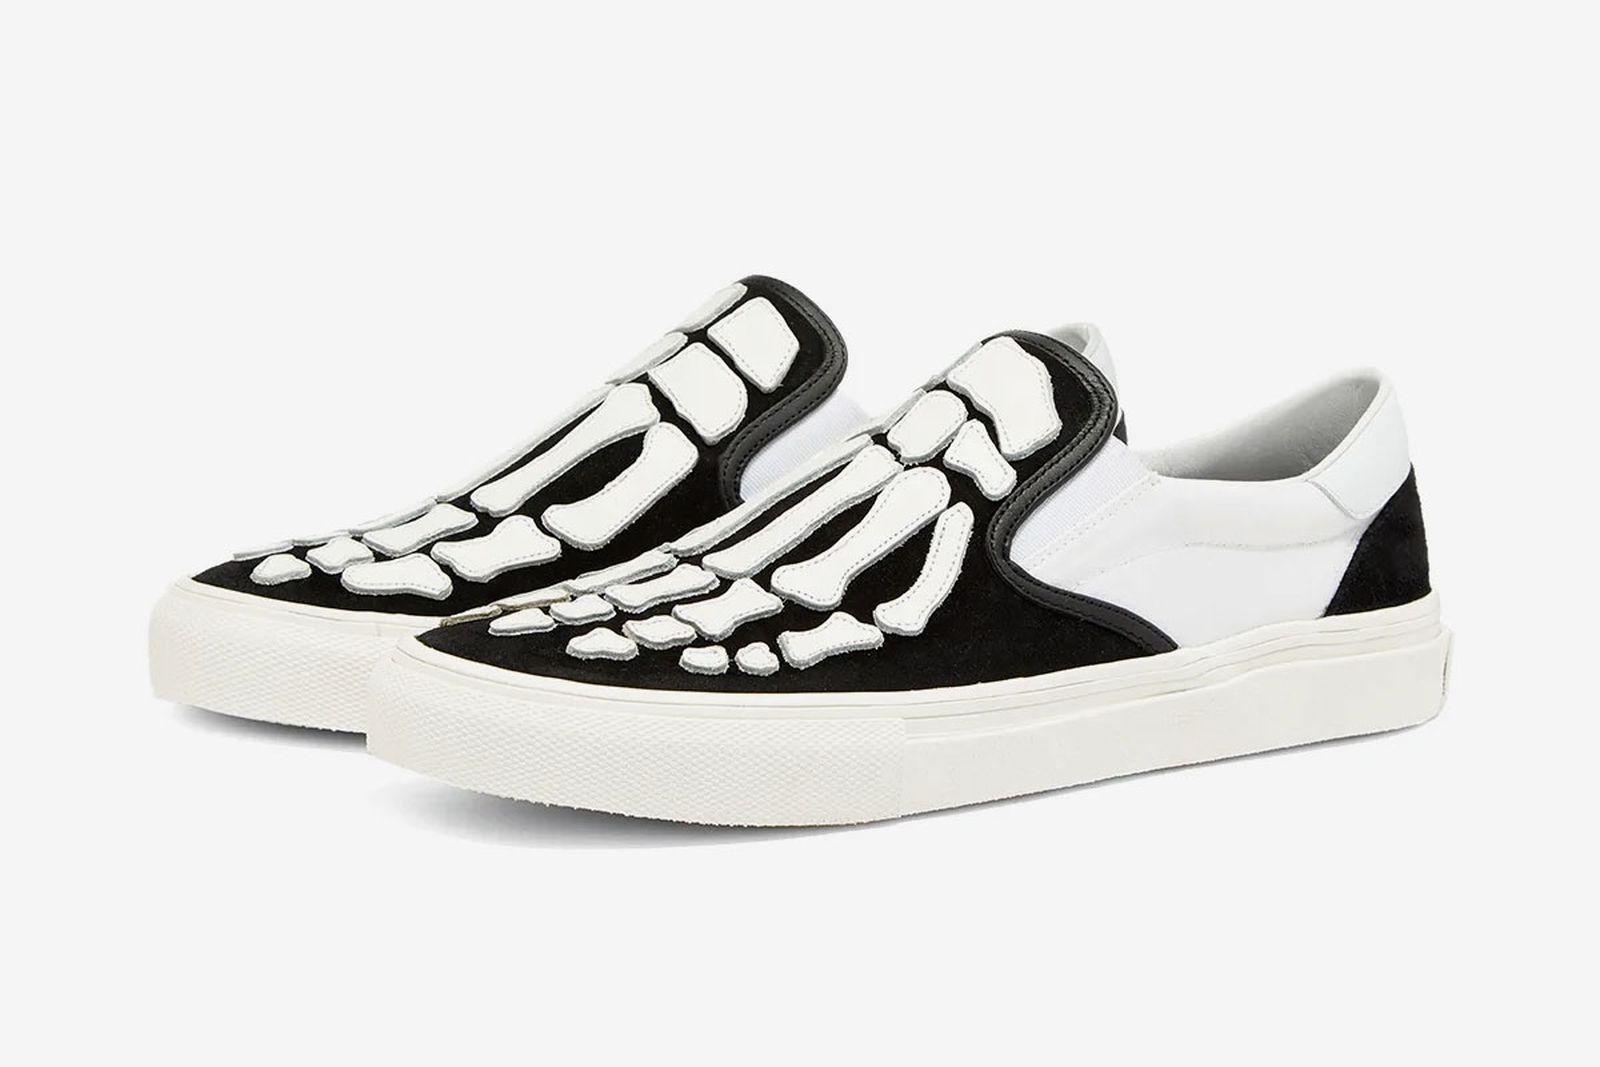 amiri-skeleton-toe-slip-on-release-date-price-01